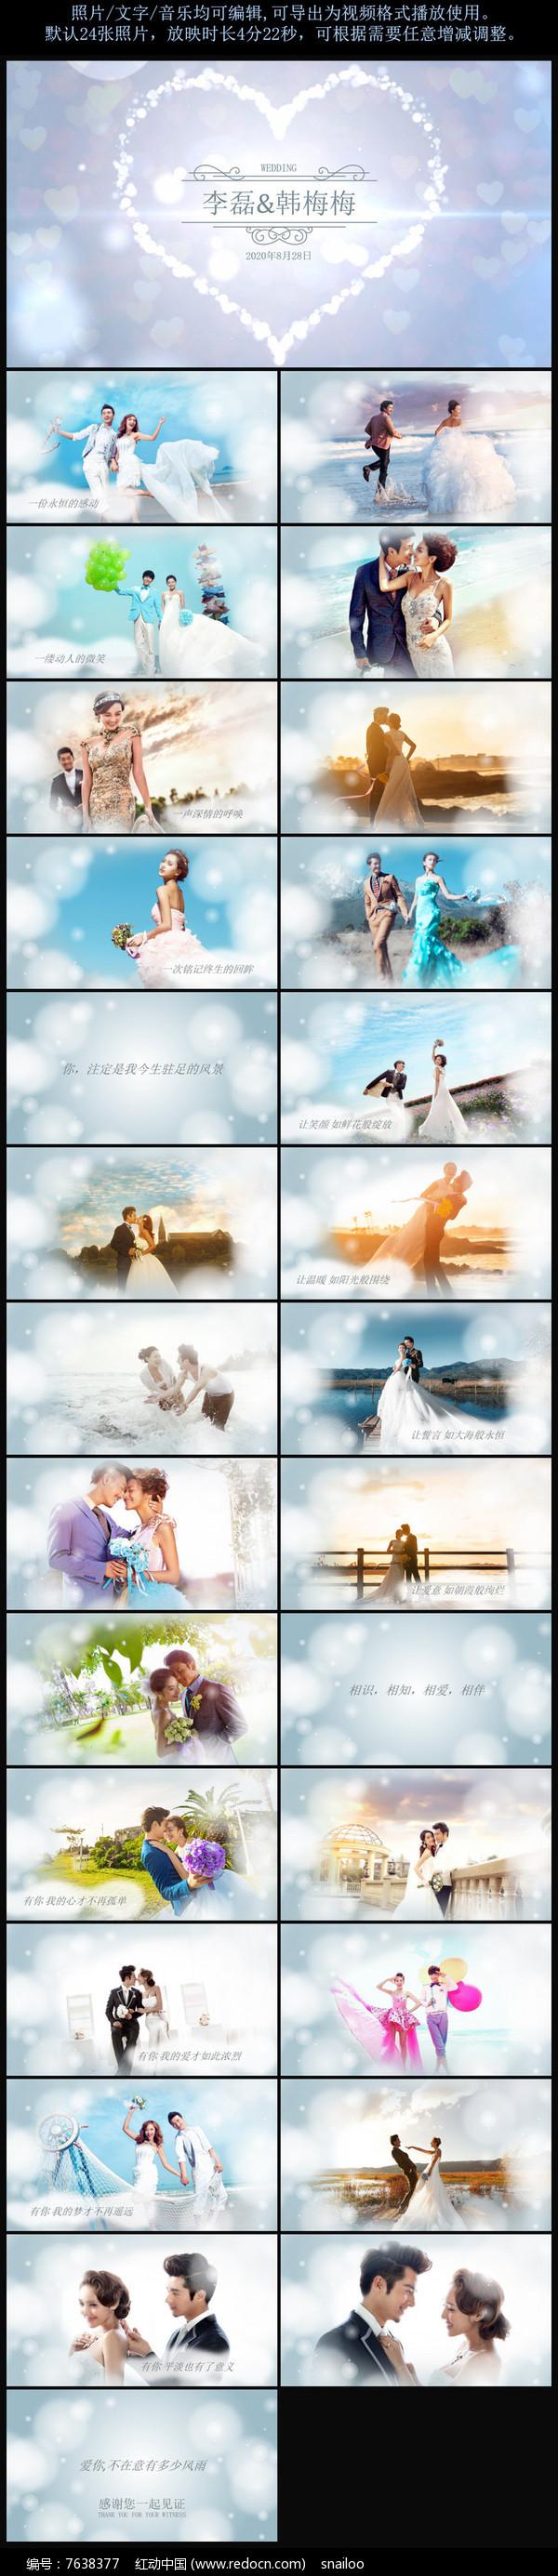 唯美婚礼开场电子相册ppt图片